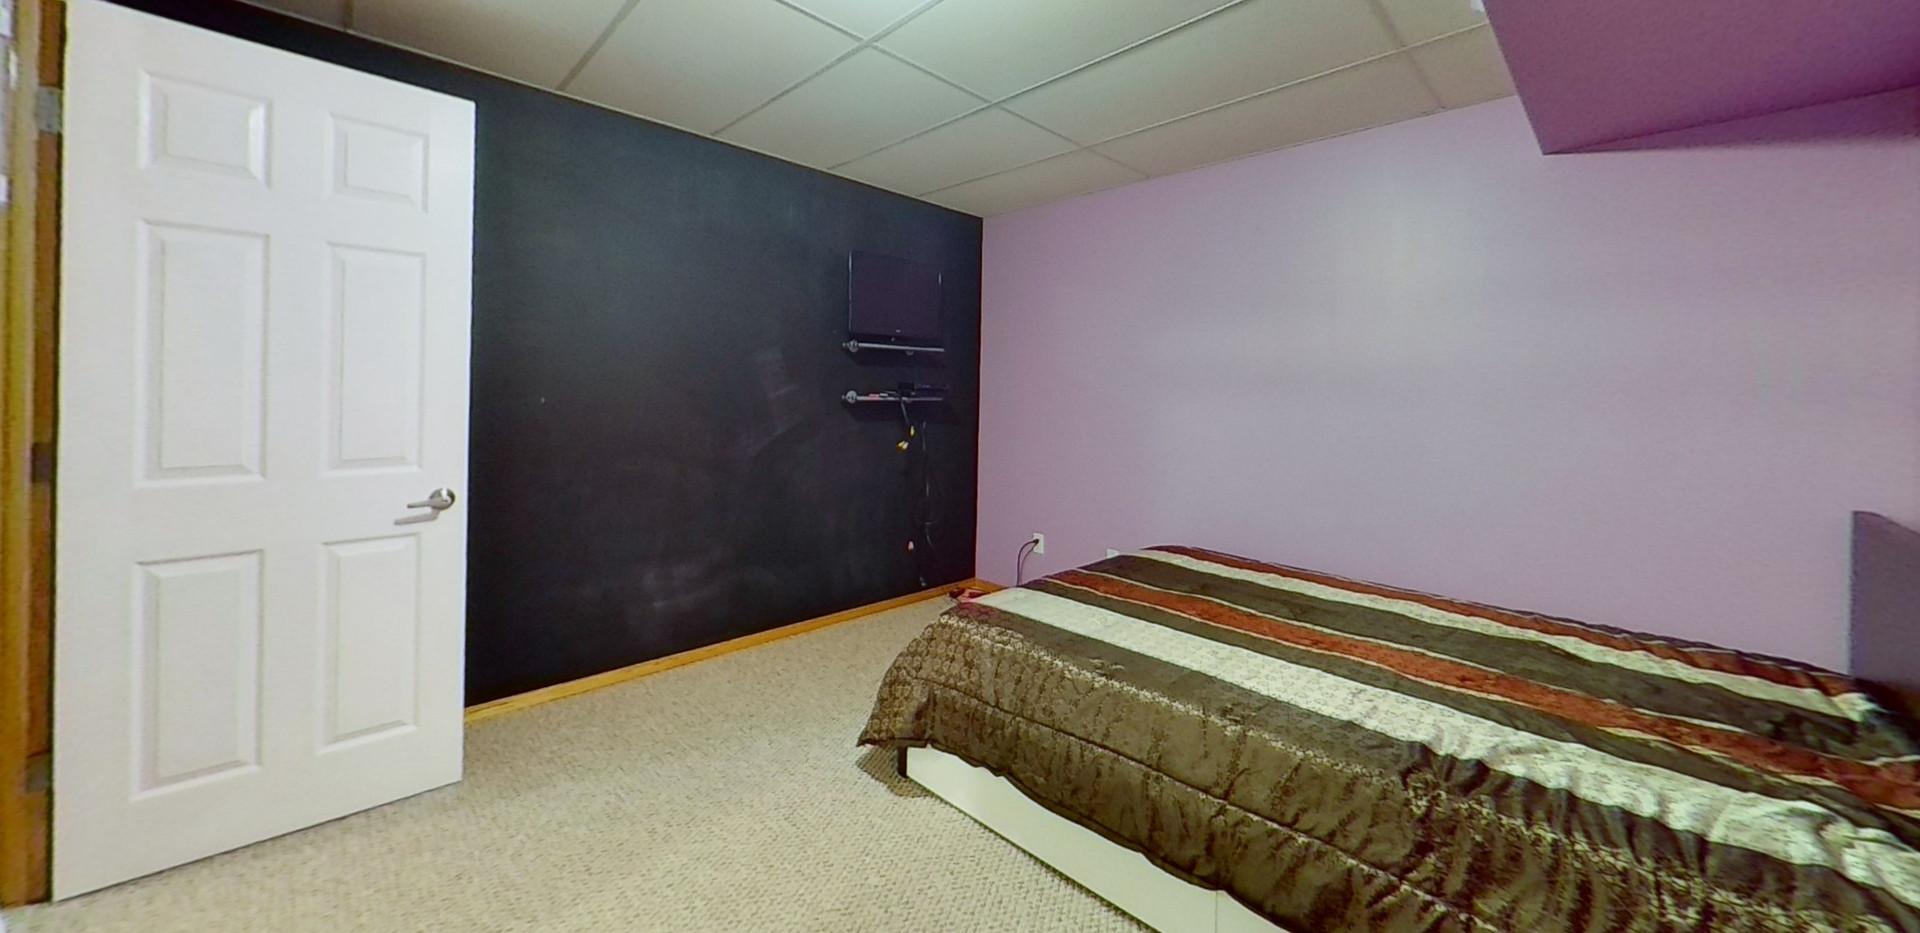 1143-Oakland-Dr-Bedroom-3.jpg